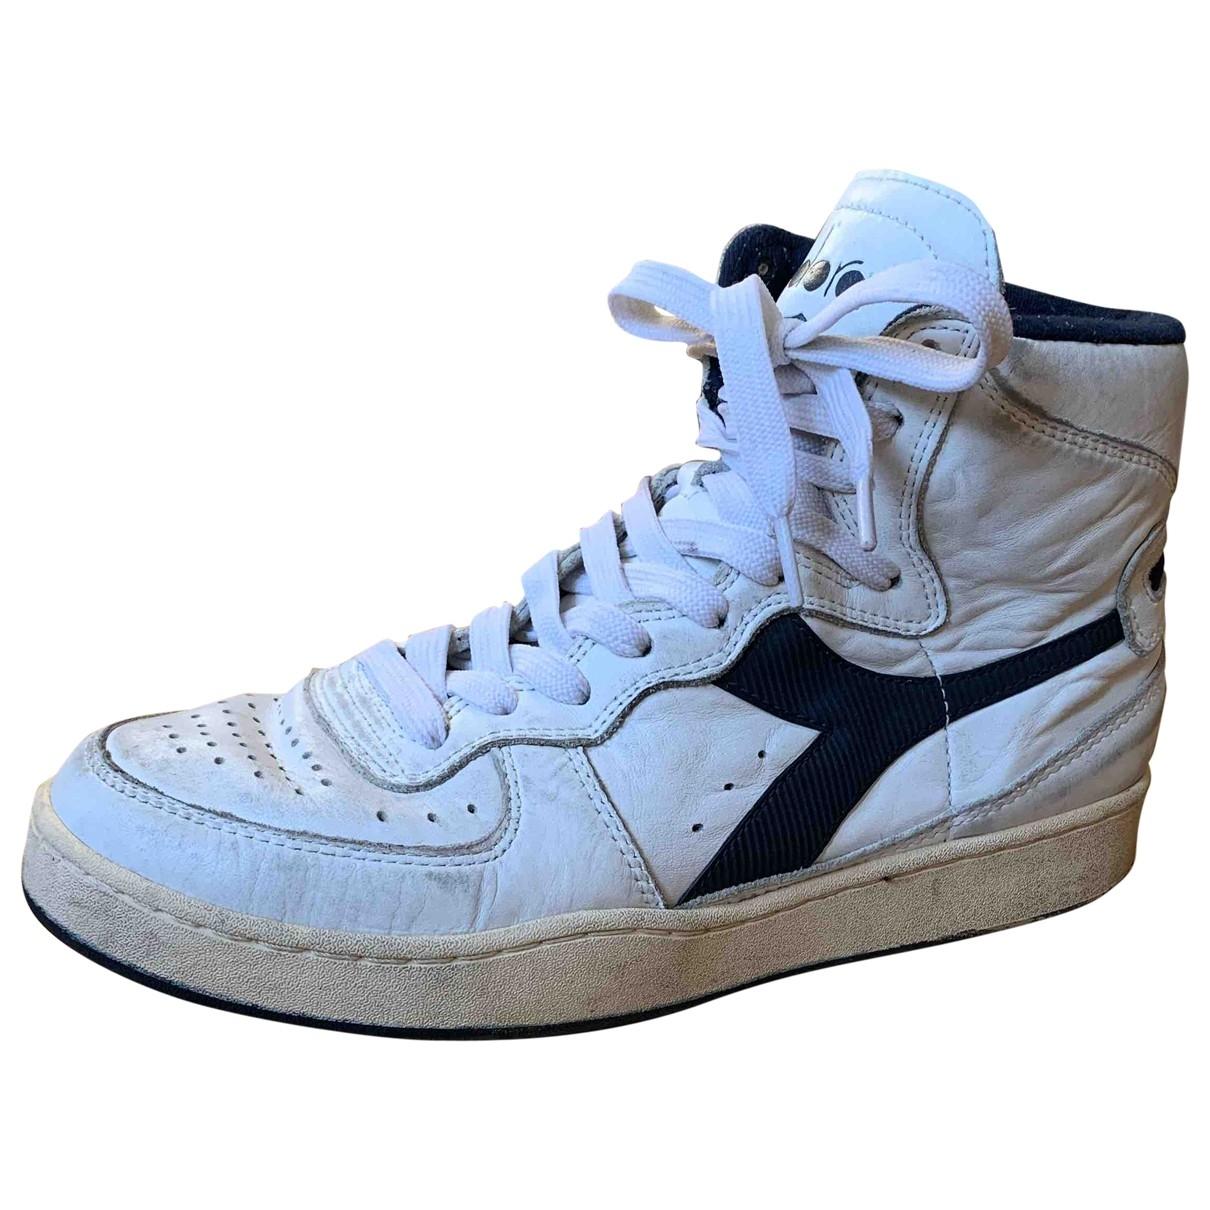 Diadora Heritage - Baskets   pour homme en cuir - blanc